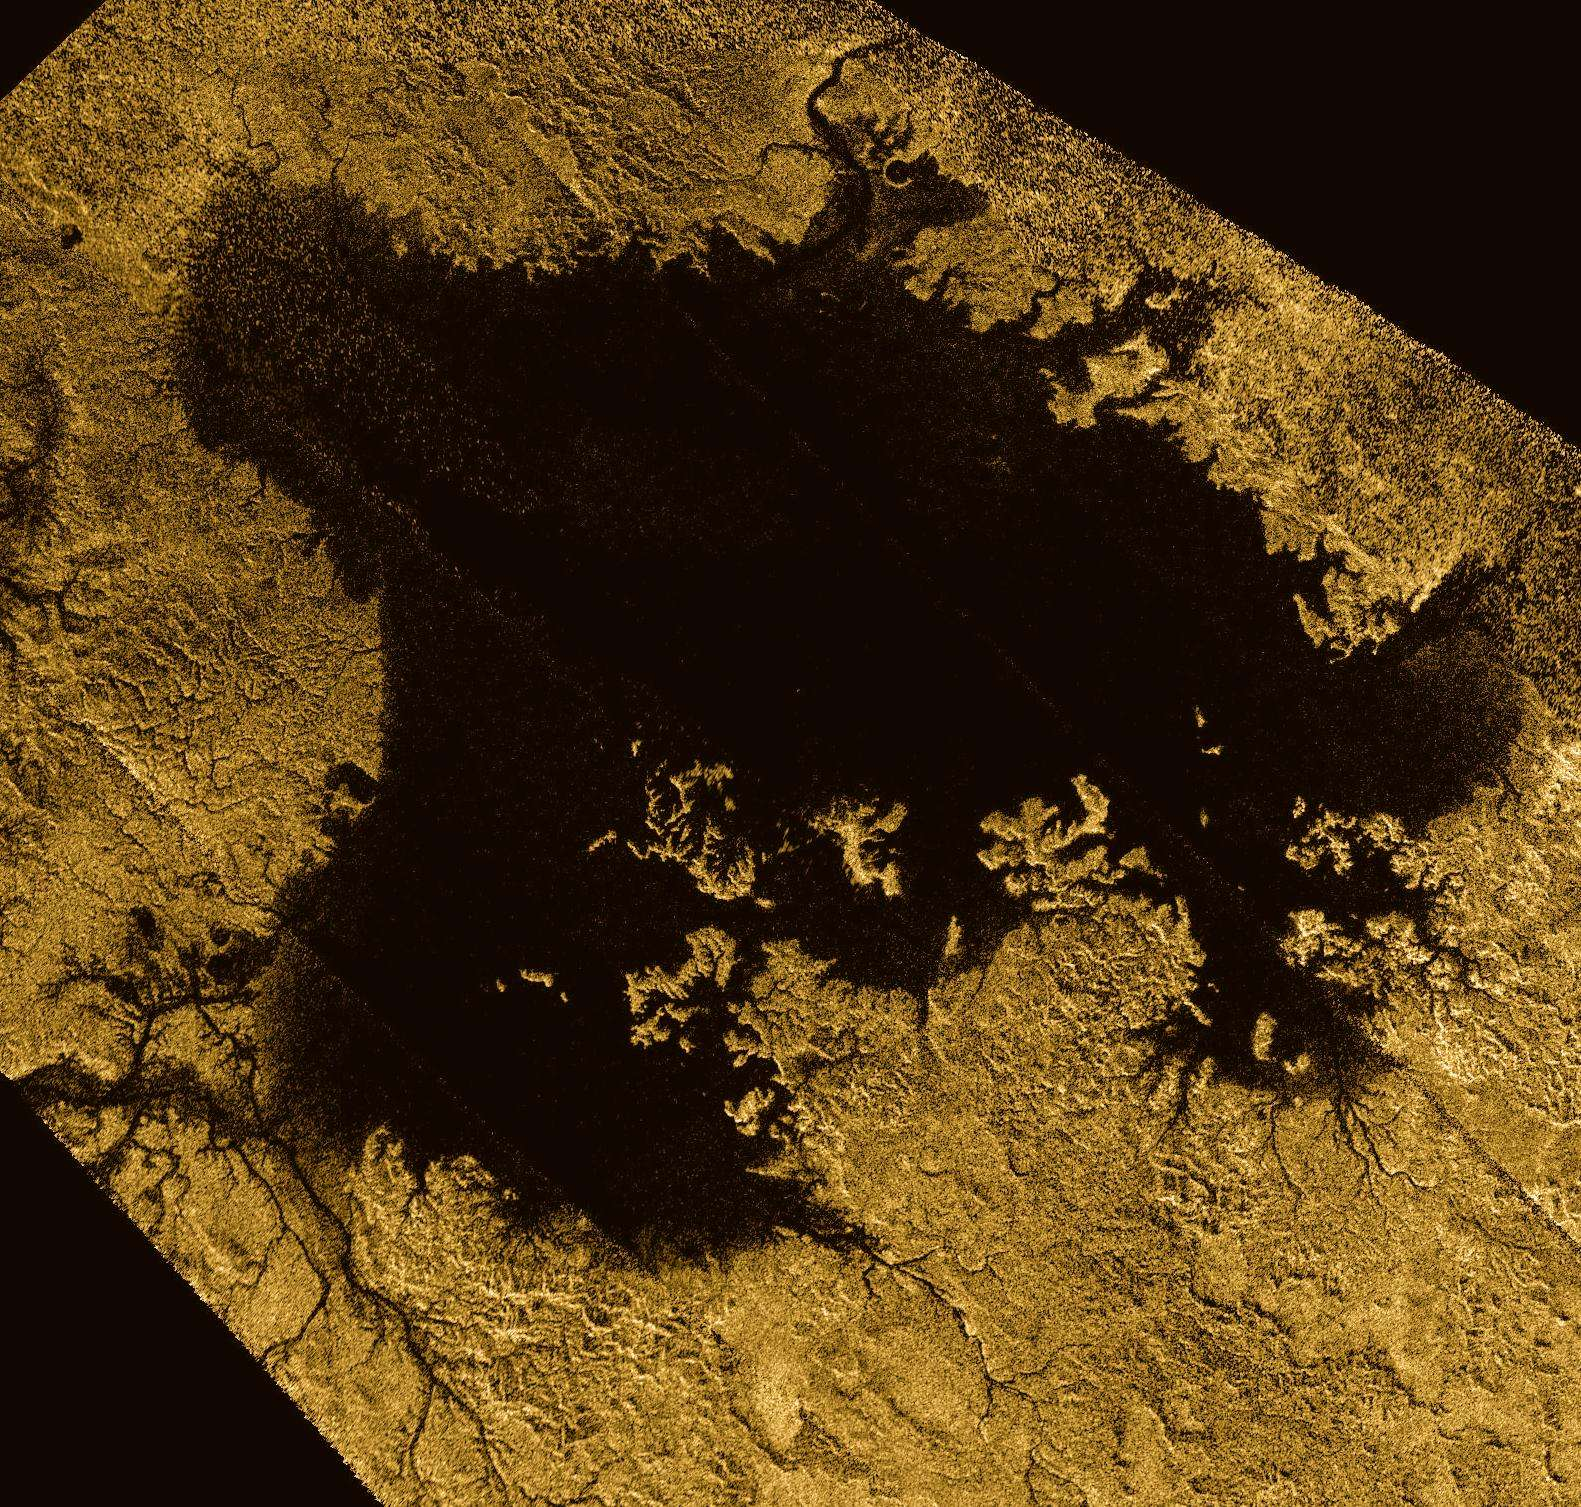 Ligeia Mare, montré ici dans une image en fausses couleurs obtenue en combinant des observations du radar de Cassini, est le deuxième grand lac sur Titan. Il mesure environ 420 km sur 350 km. Il est rempli d'hydrocarbures légers liquides, tels que l'éthane et le méthane. On trouvait déjà des traces de ces hydrocarbures, ainsi que leurs alcènes et alcynes dans l'atmosphère de Titan. Jusqu'à récemment, le propène n'avait pas été détecté dans cette atmosphère alors que c'était le cas du propane et du propyne. © Nasa, JPL-Caltech, ASI, Cornell